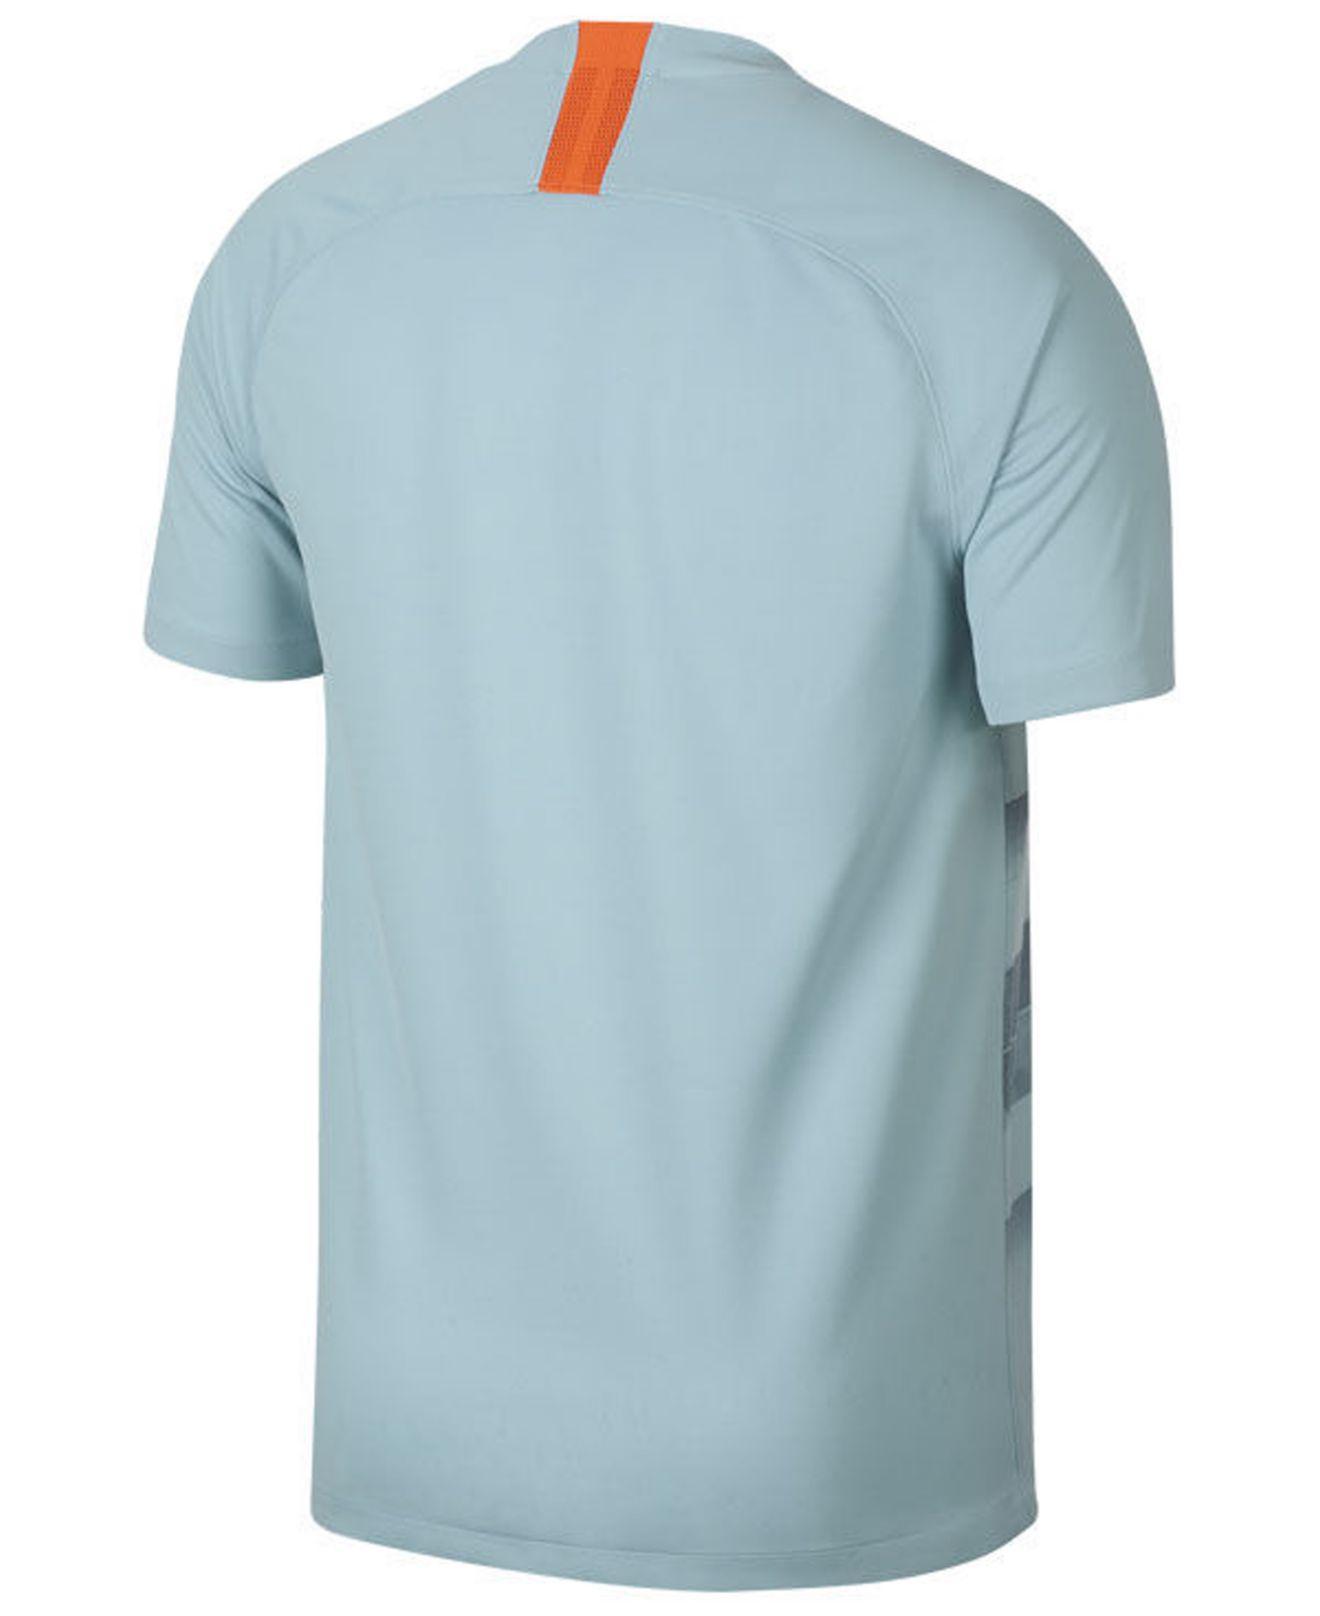 55ec9bac7 Lyst - Nike Chelsea International Club 3rd Jersey in Blue for Men ...